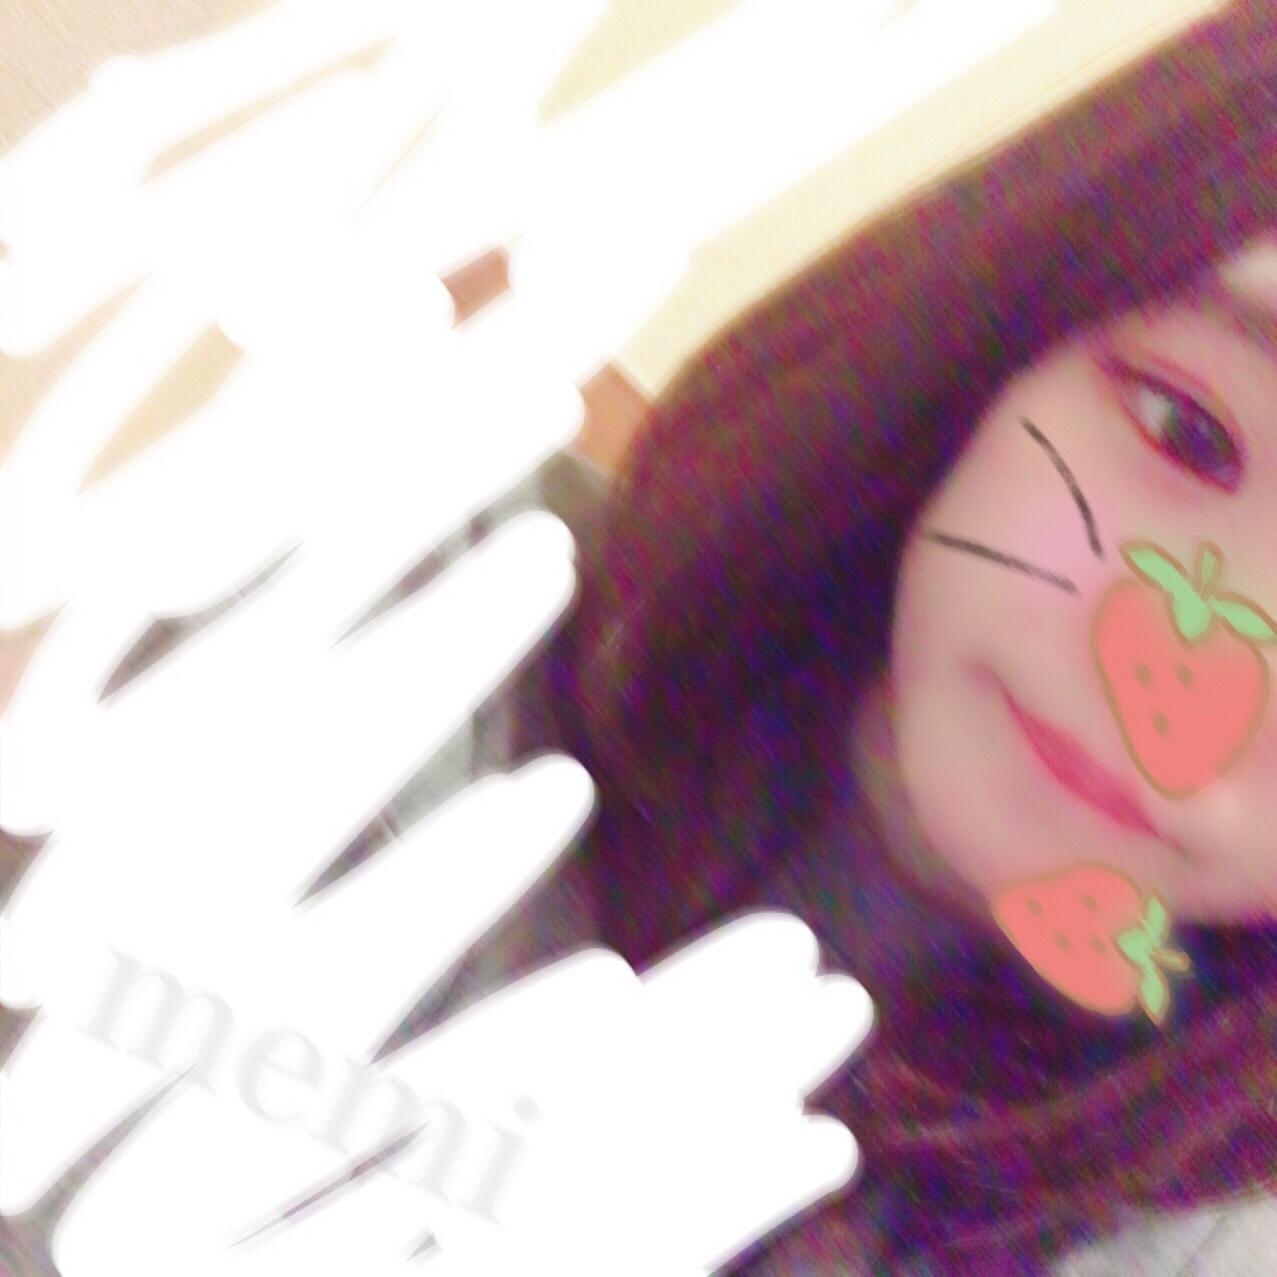 めみ「【 お礼 】」02/19(火) 19:05 | めみの写メ・風俗動画